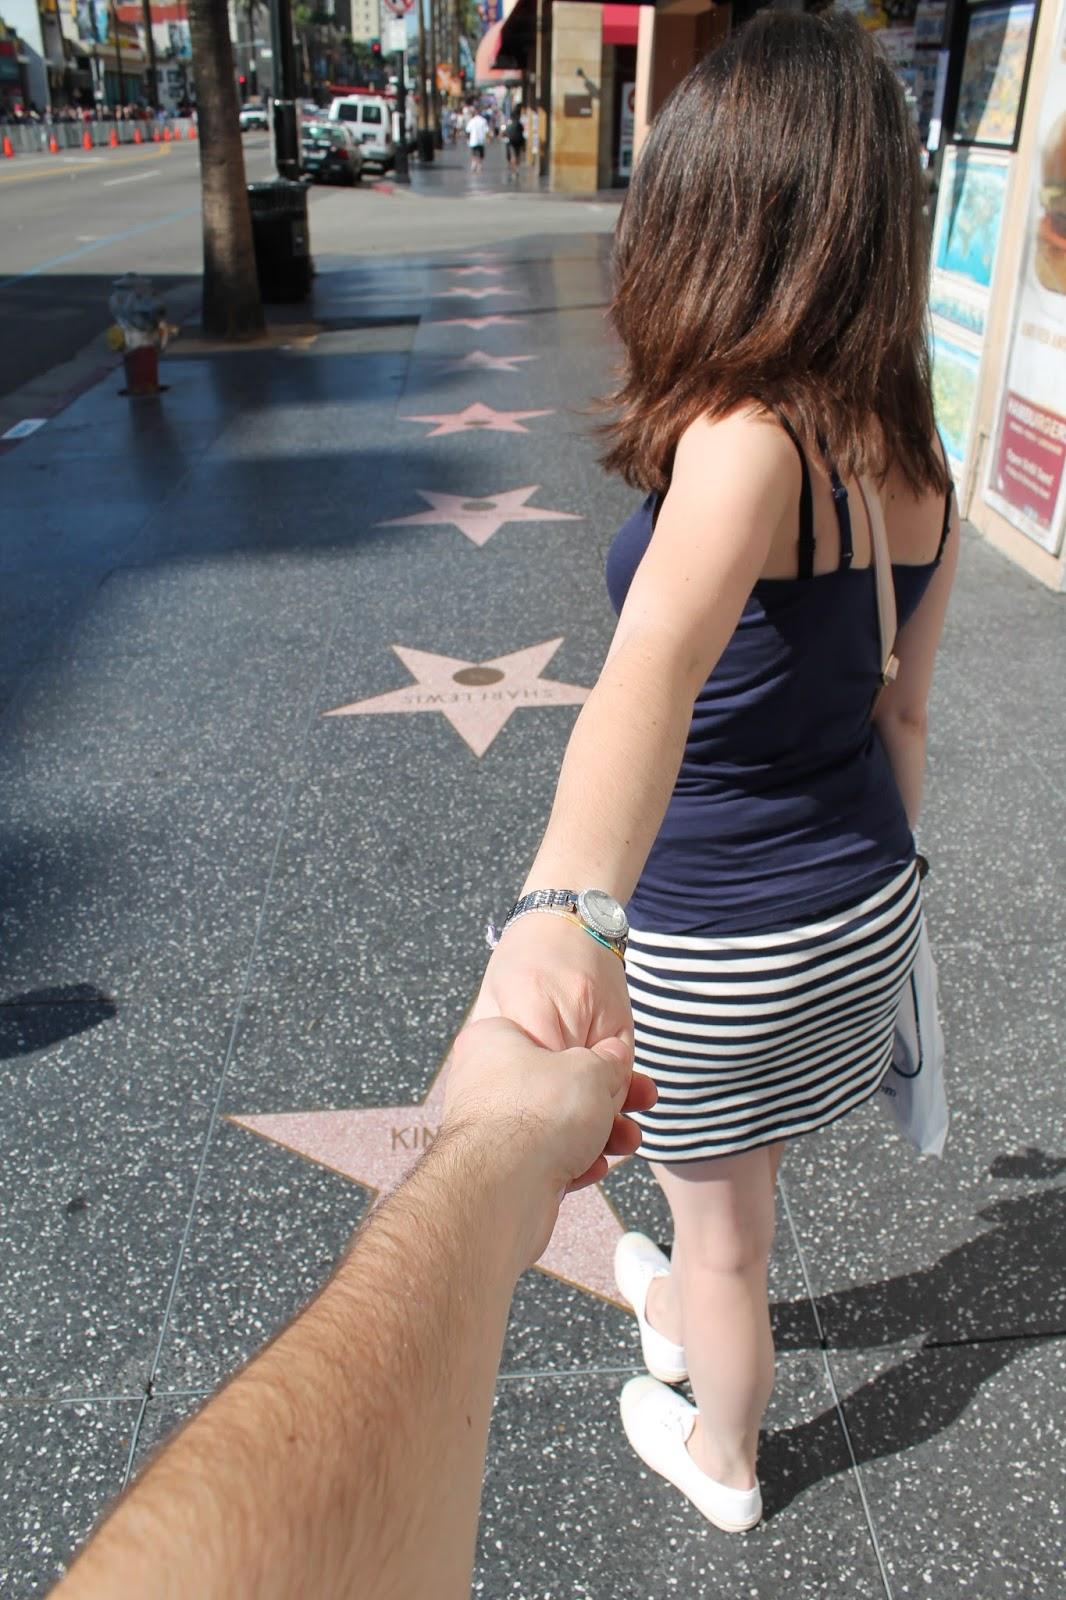 USA états unis amérique vacance transat roadtrip ouest américain holliwood boulevard étoiles stars